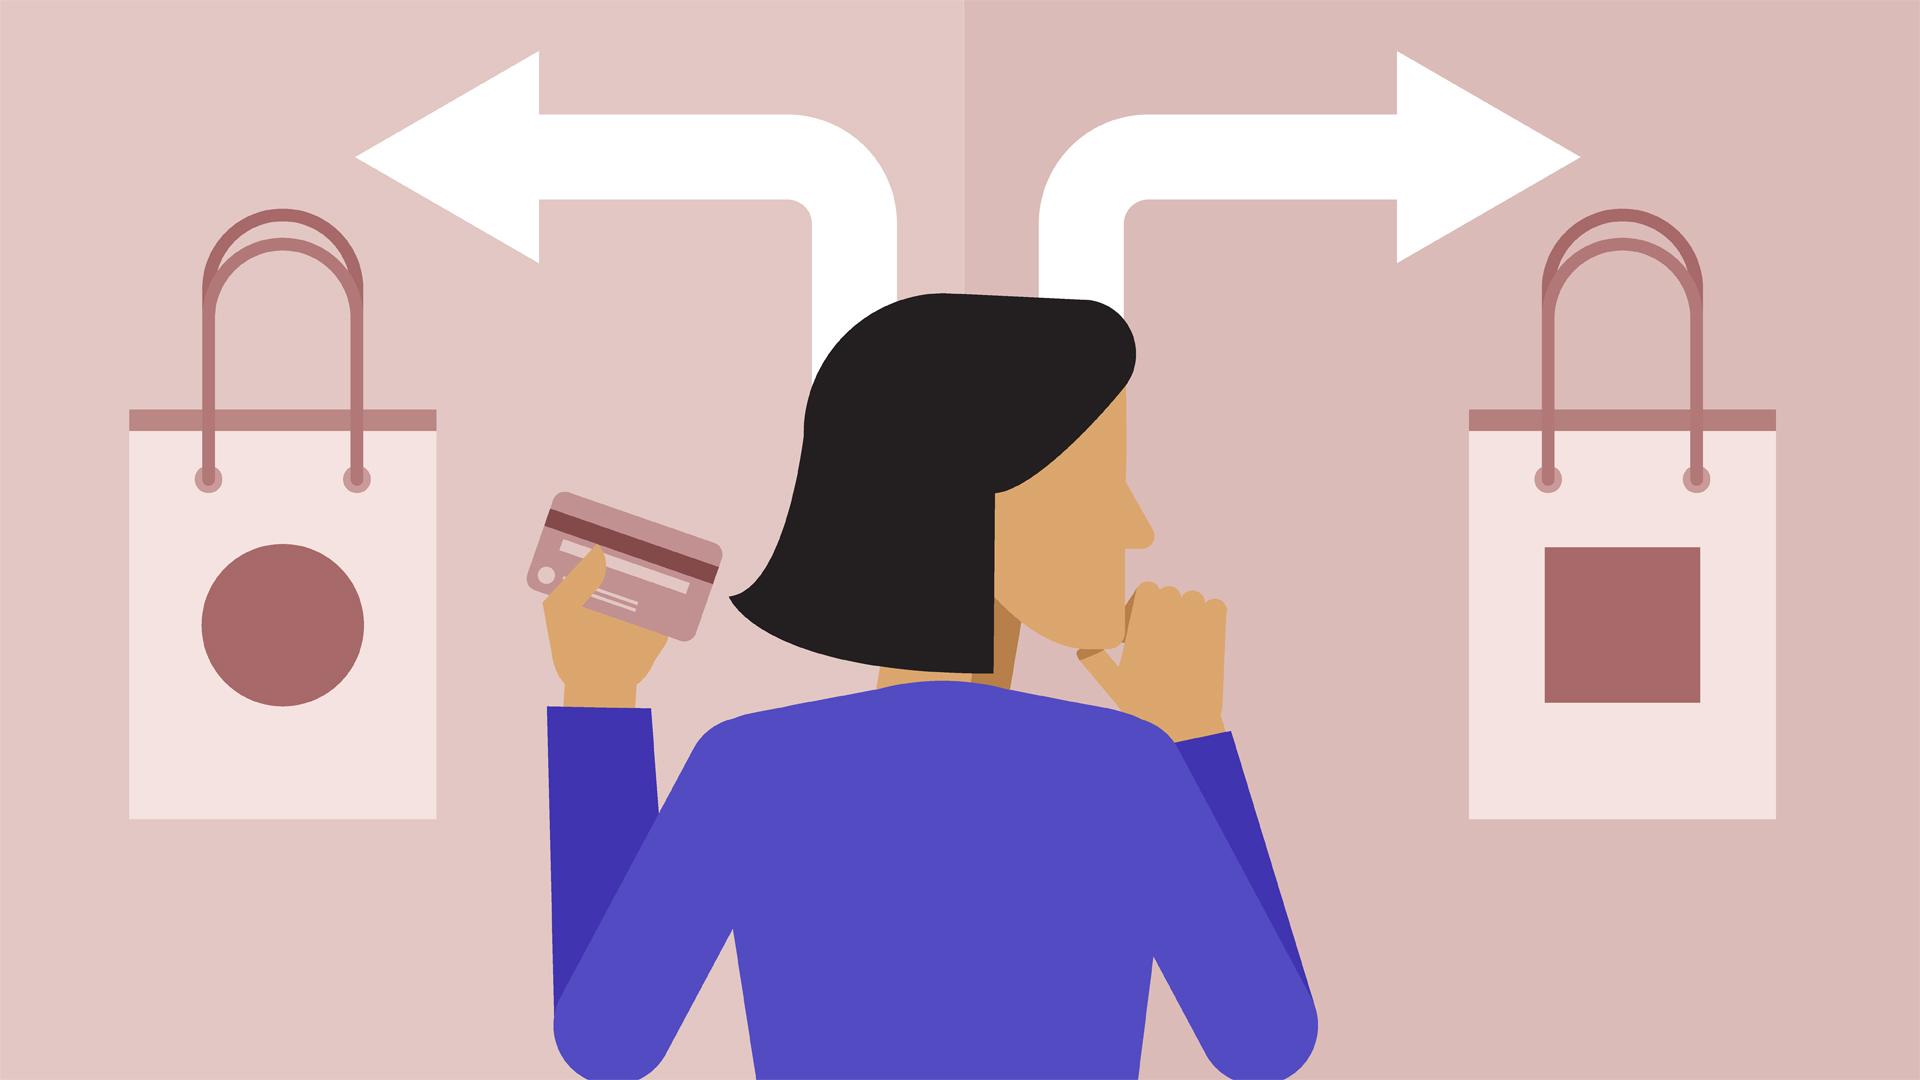 Müşterinin satın alma kararını ne etkiler?